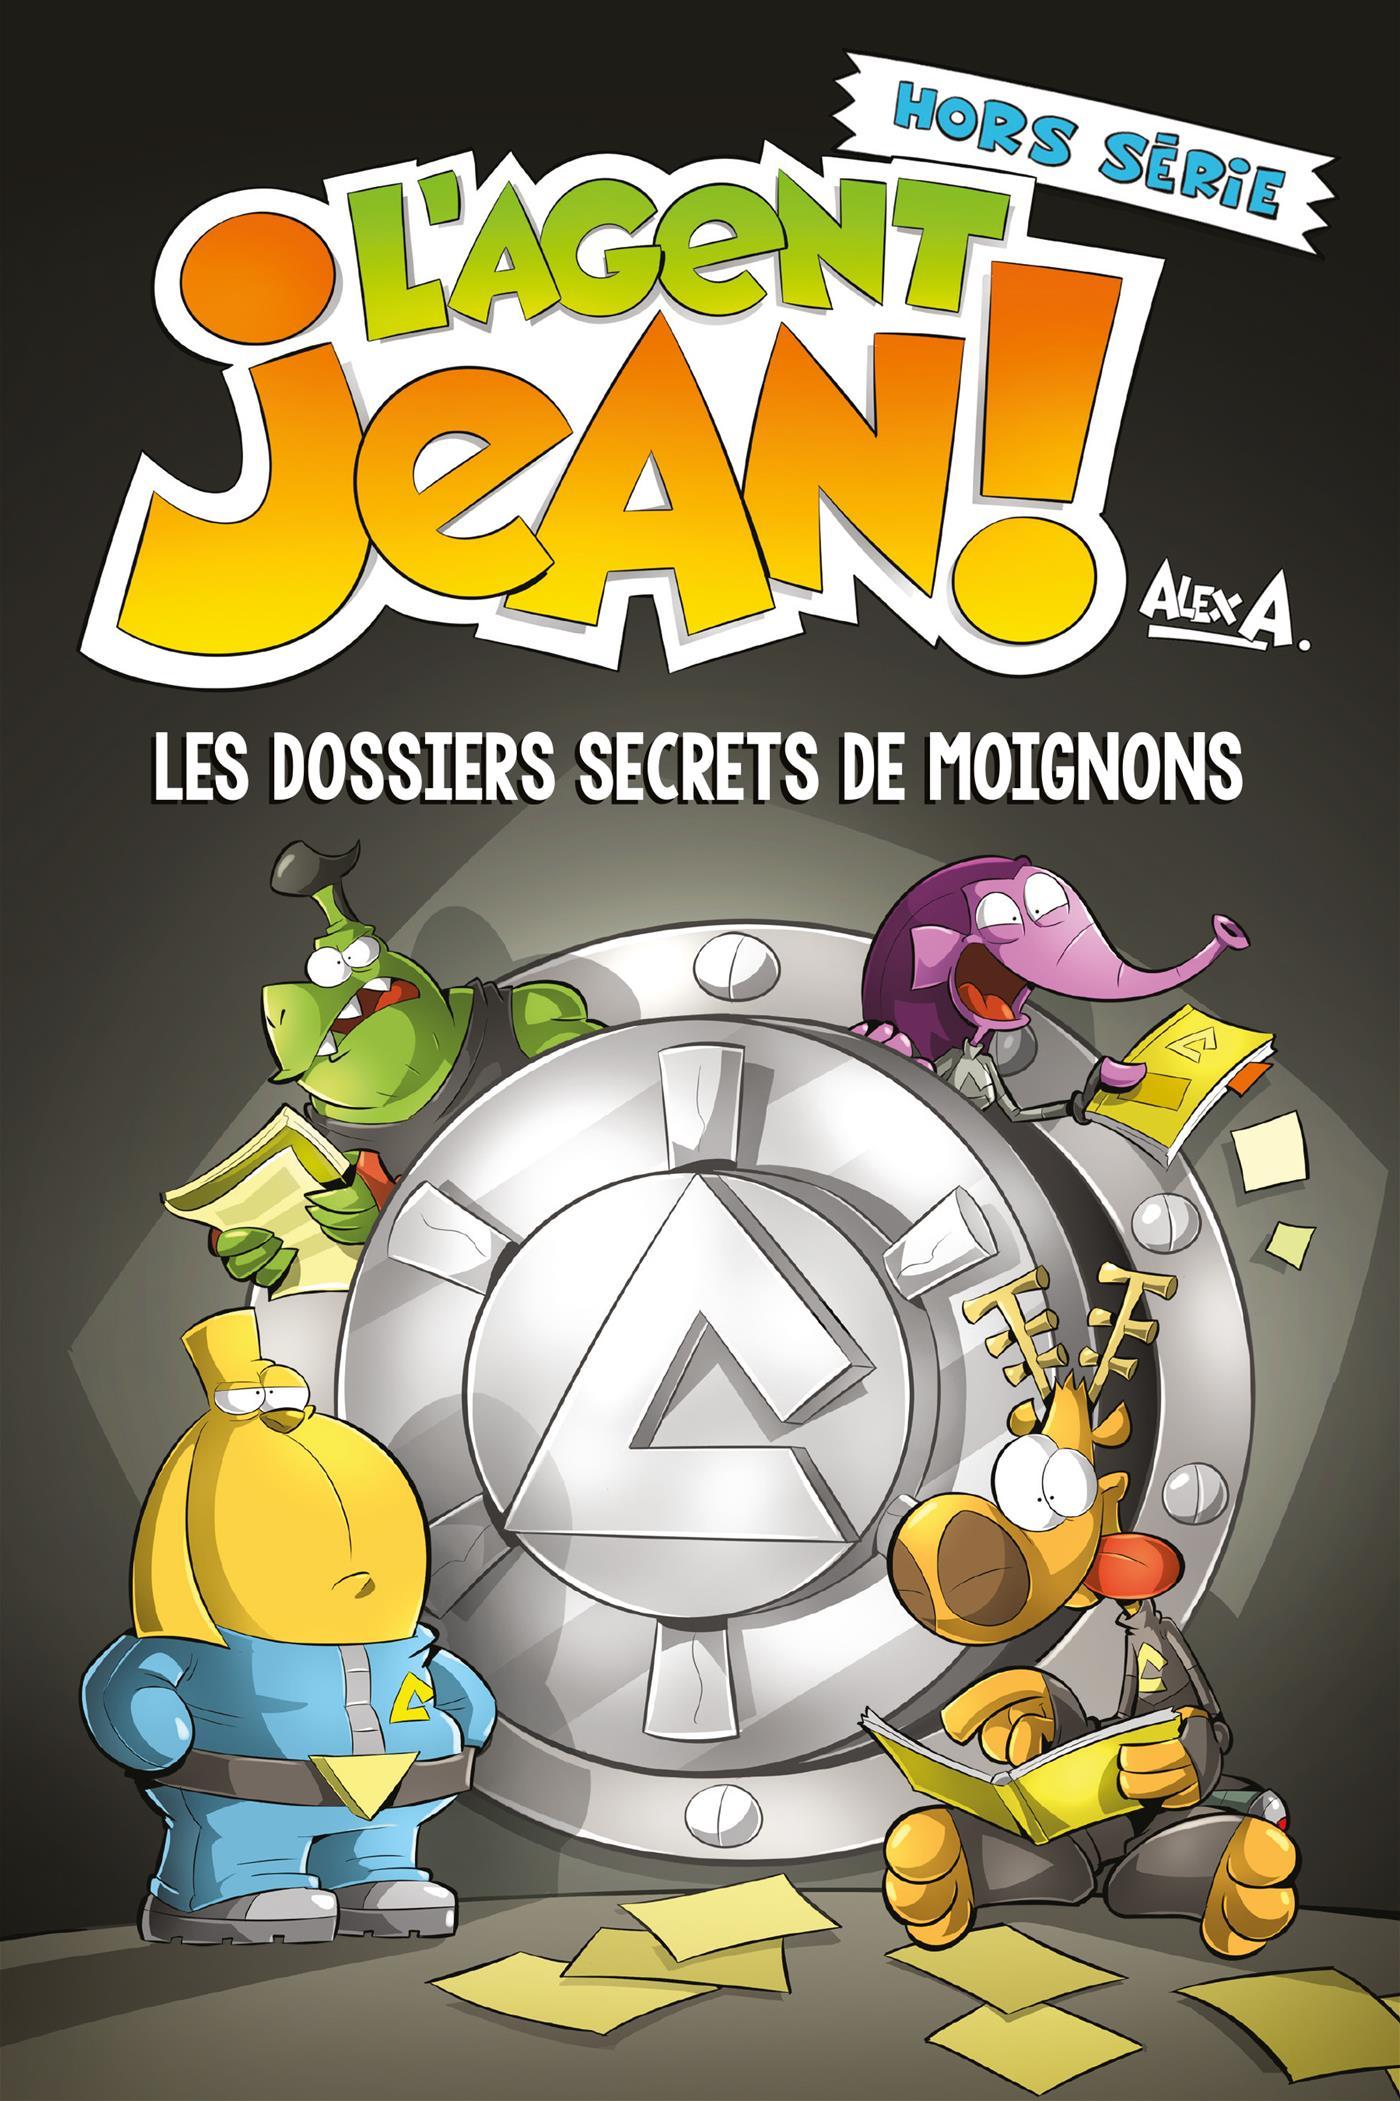 L'Agent Jean - Les dossiers secrets de Moignons